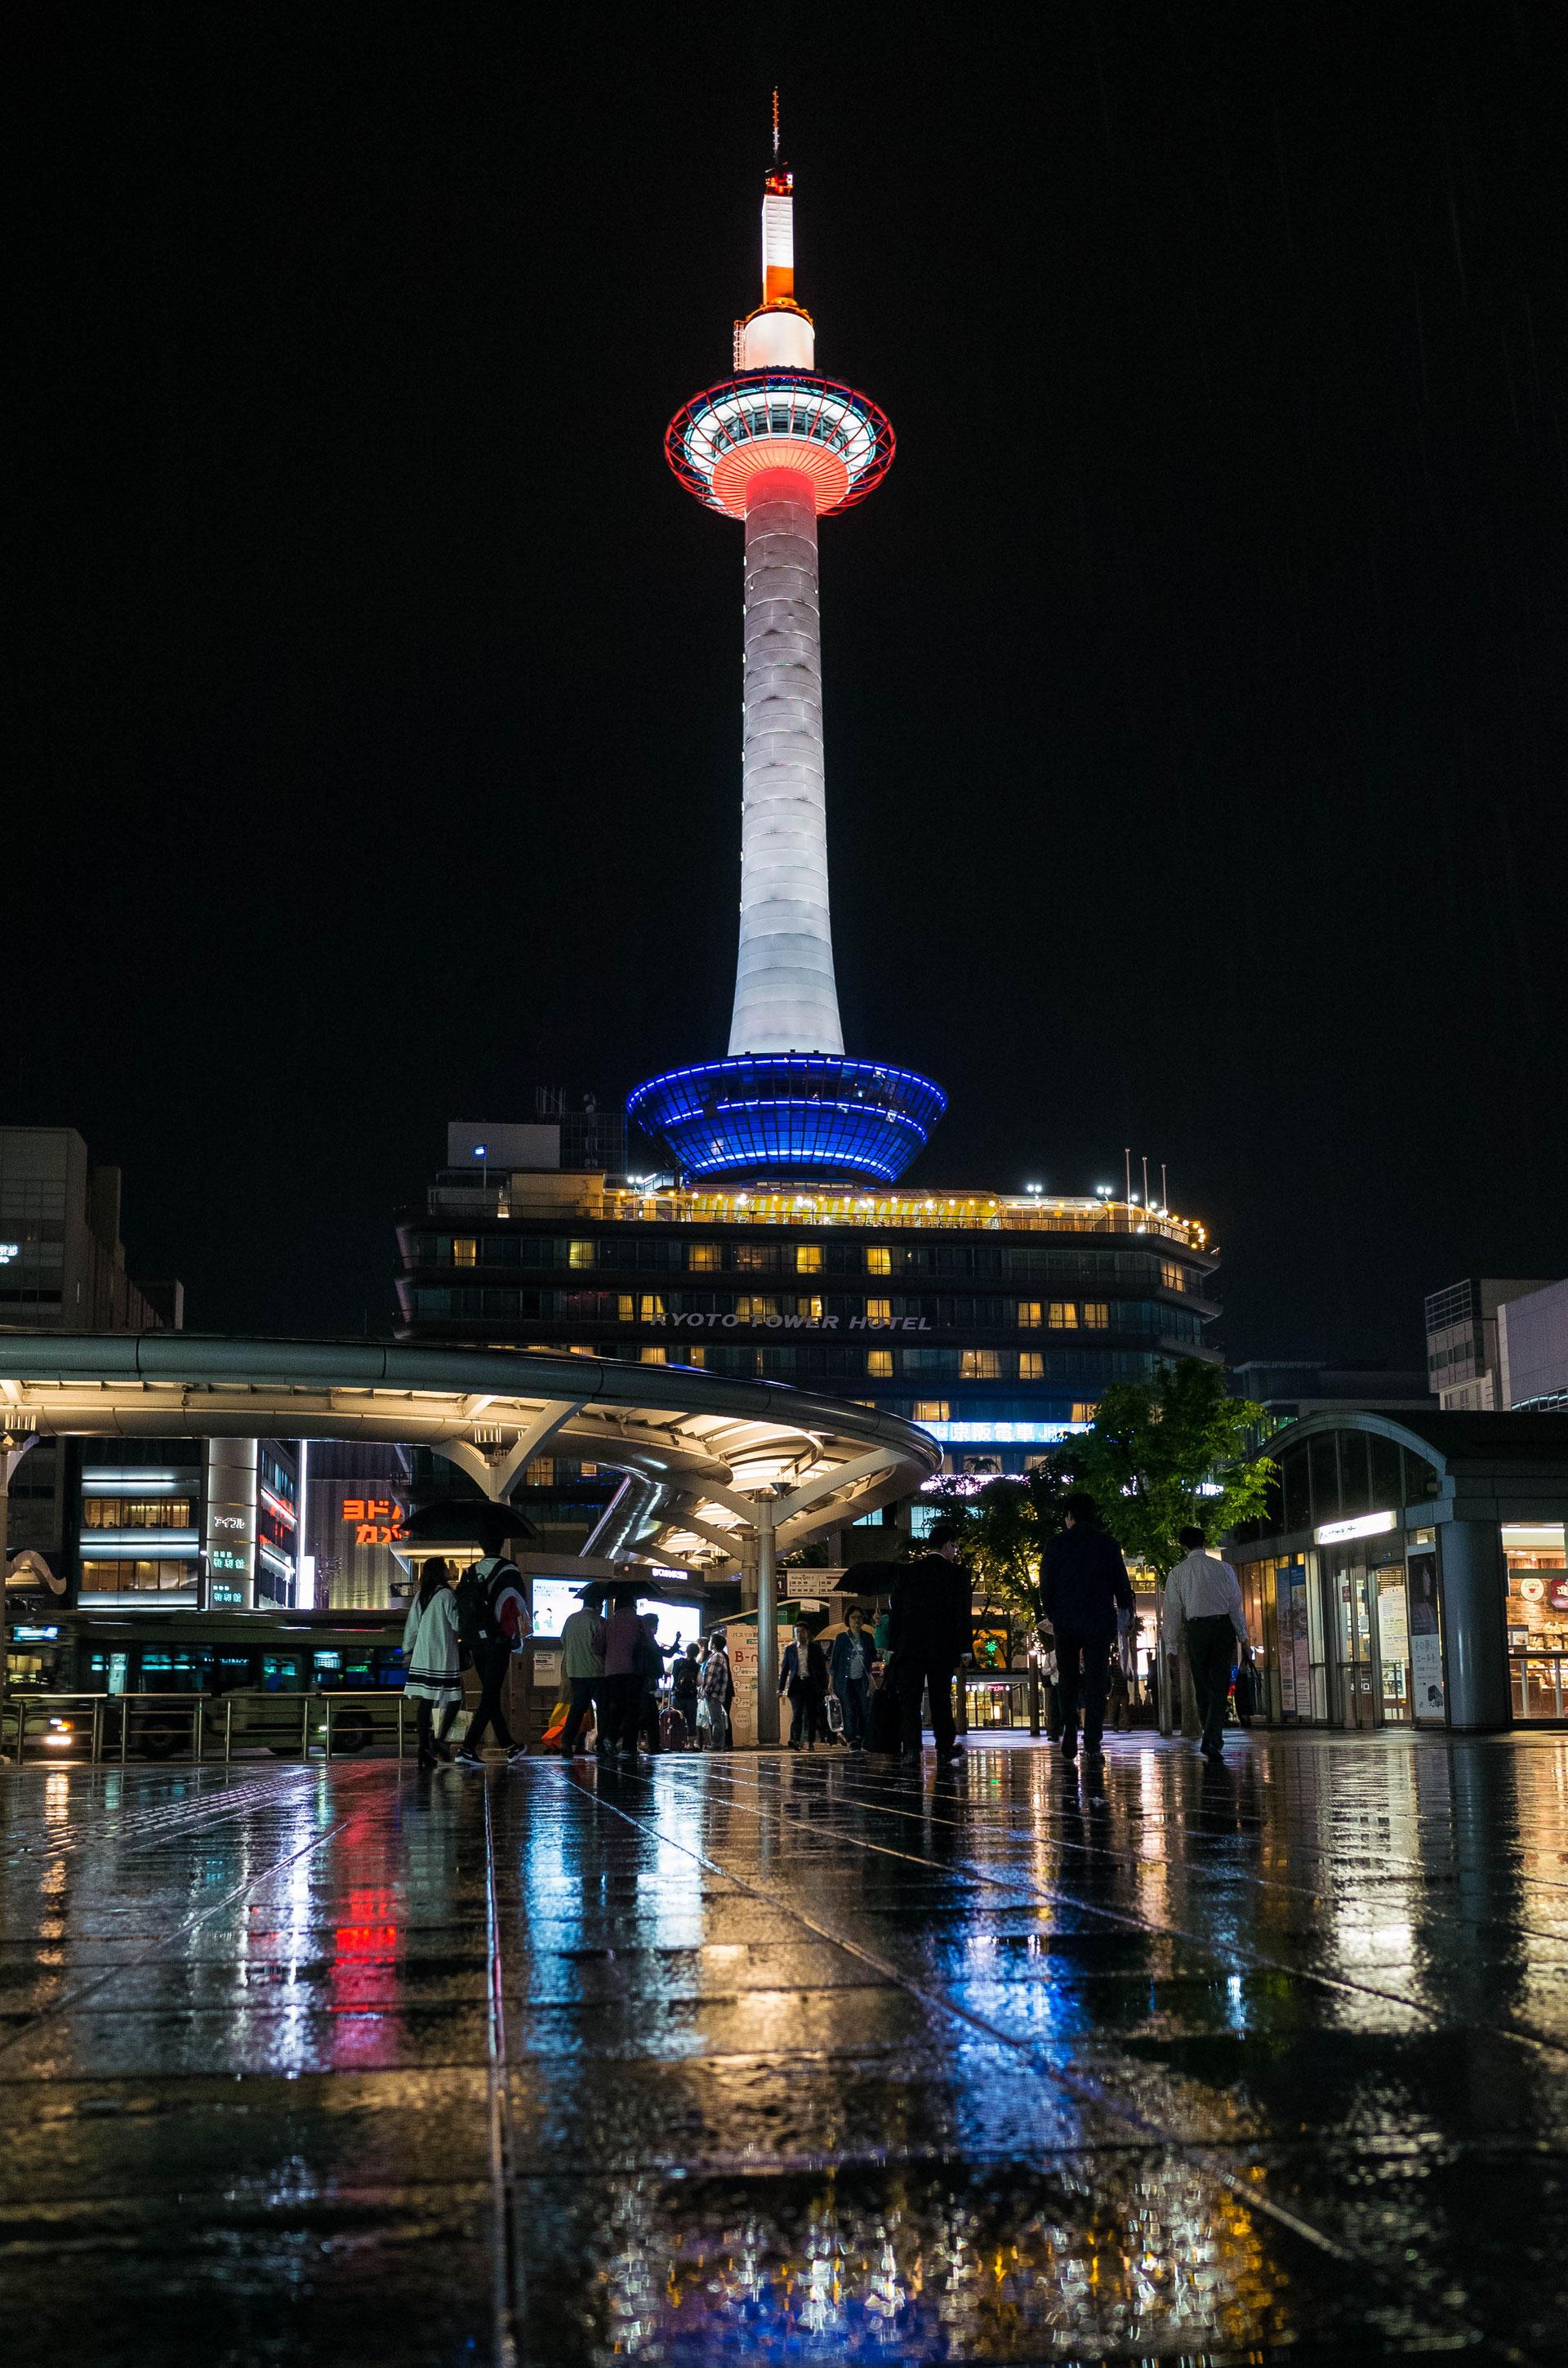 京都タワーサンドKYOTO TOWER SANDOに行ってみた - 京都町家 ...